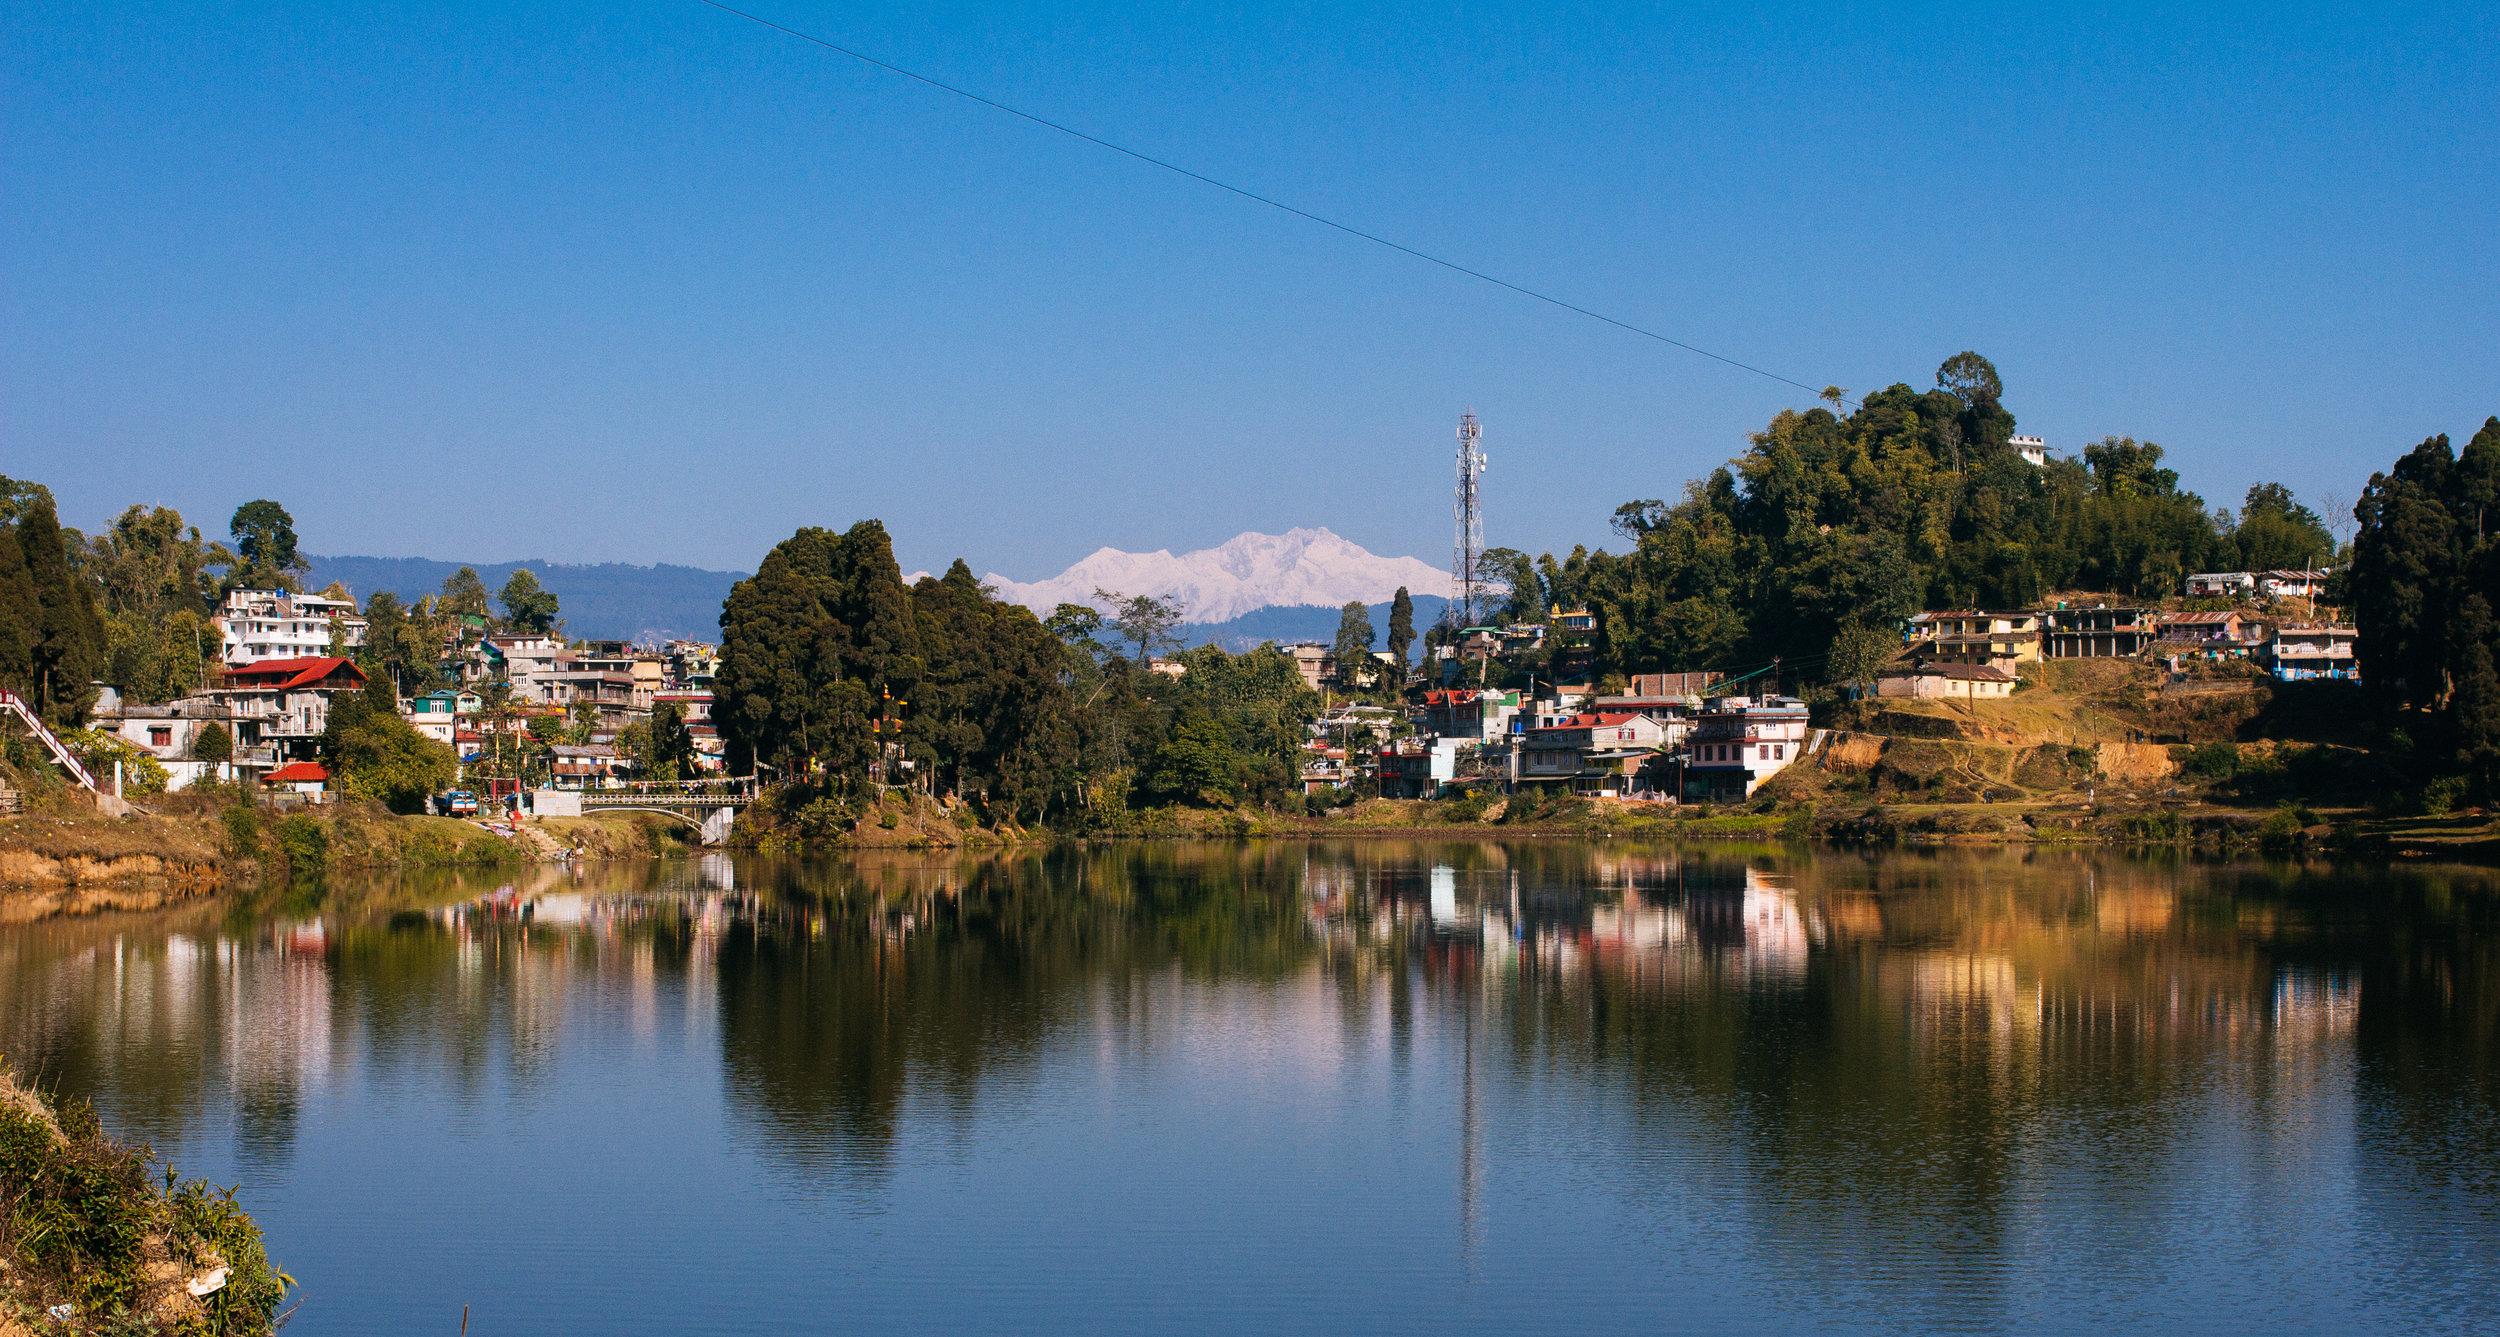 darjeeling-43.jpg